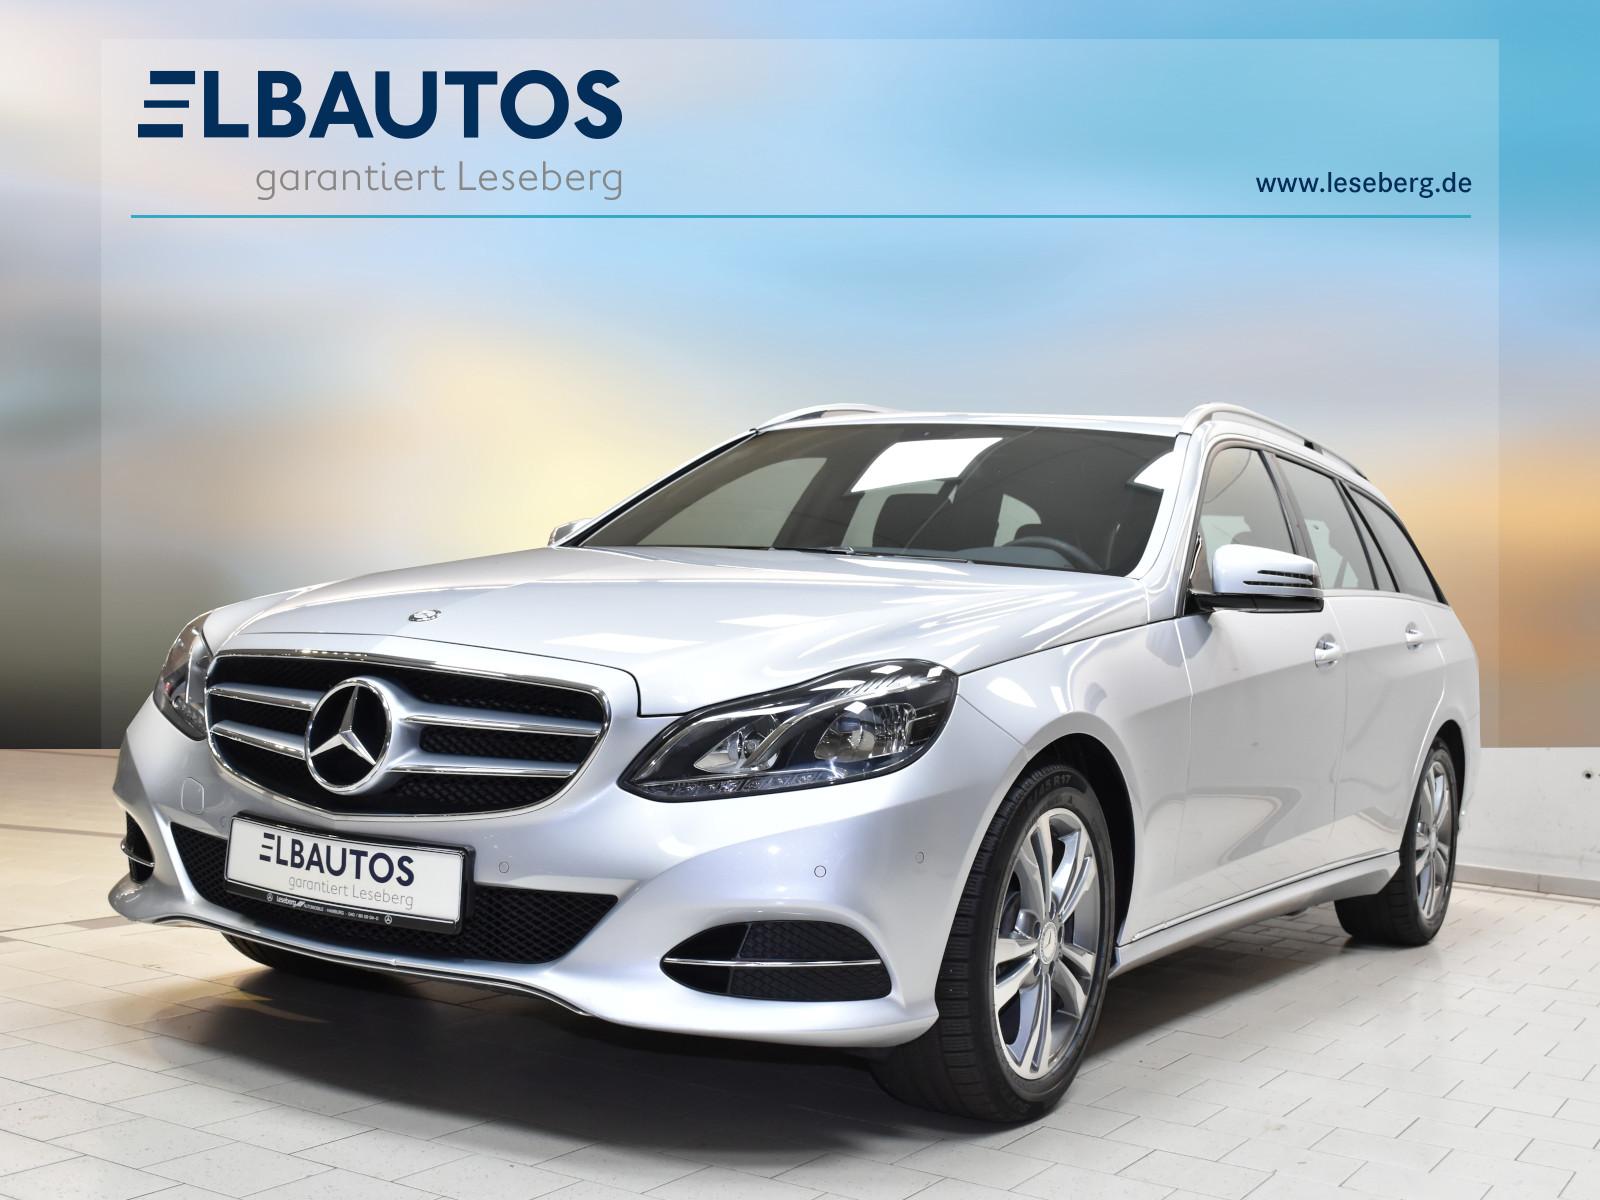 Mercedes-Benz E 200 CDI T Avantgarde/7G/LED/Navi/Sitzhzg./PTS, Jahr 2014, Diesel